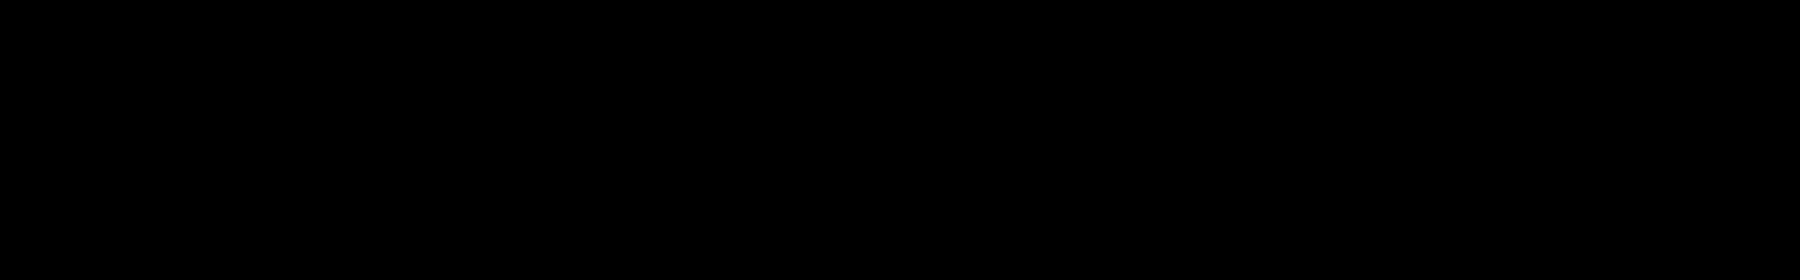 Prime Vocal Moombahton audio waveform